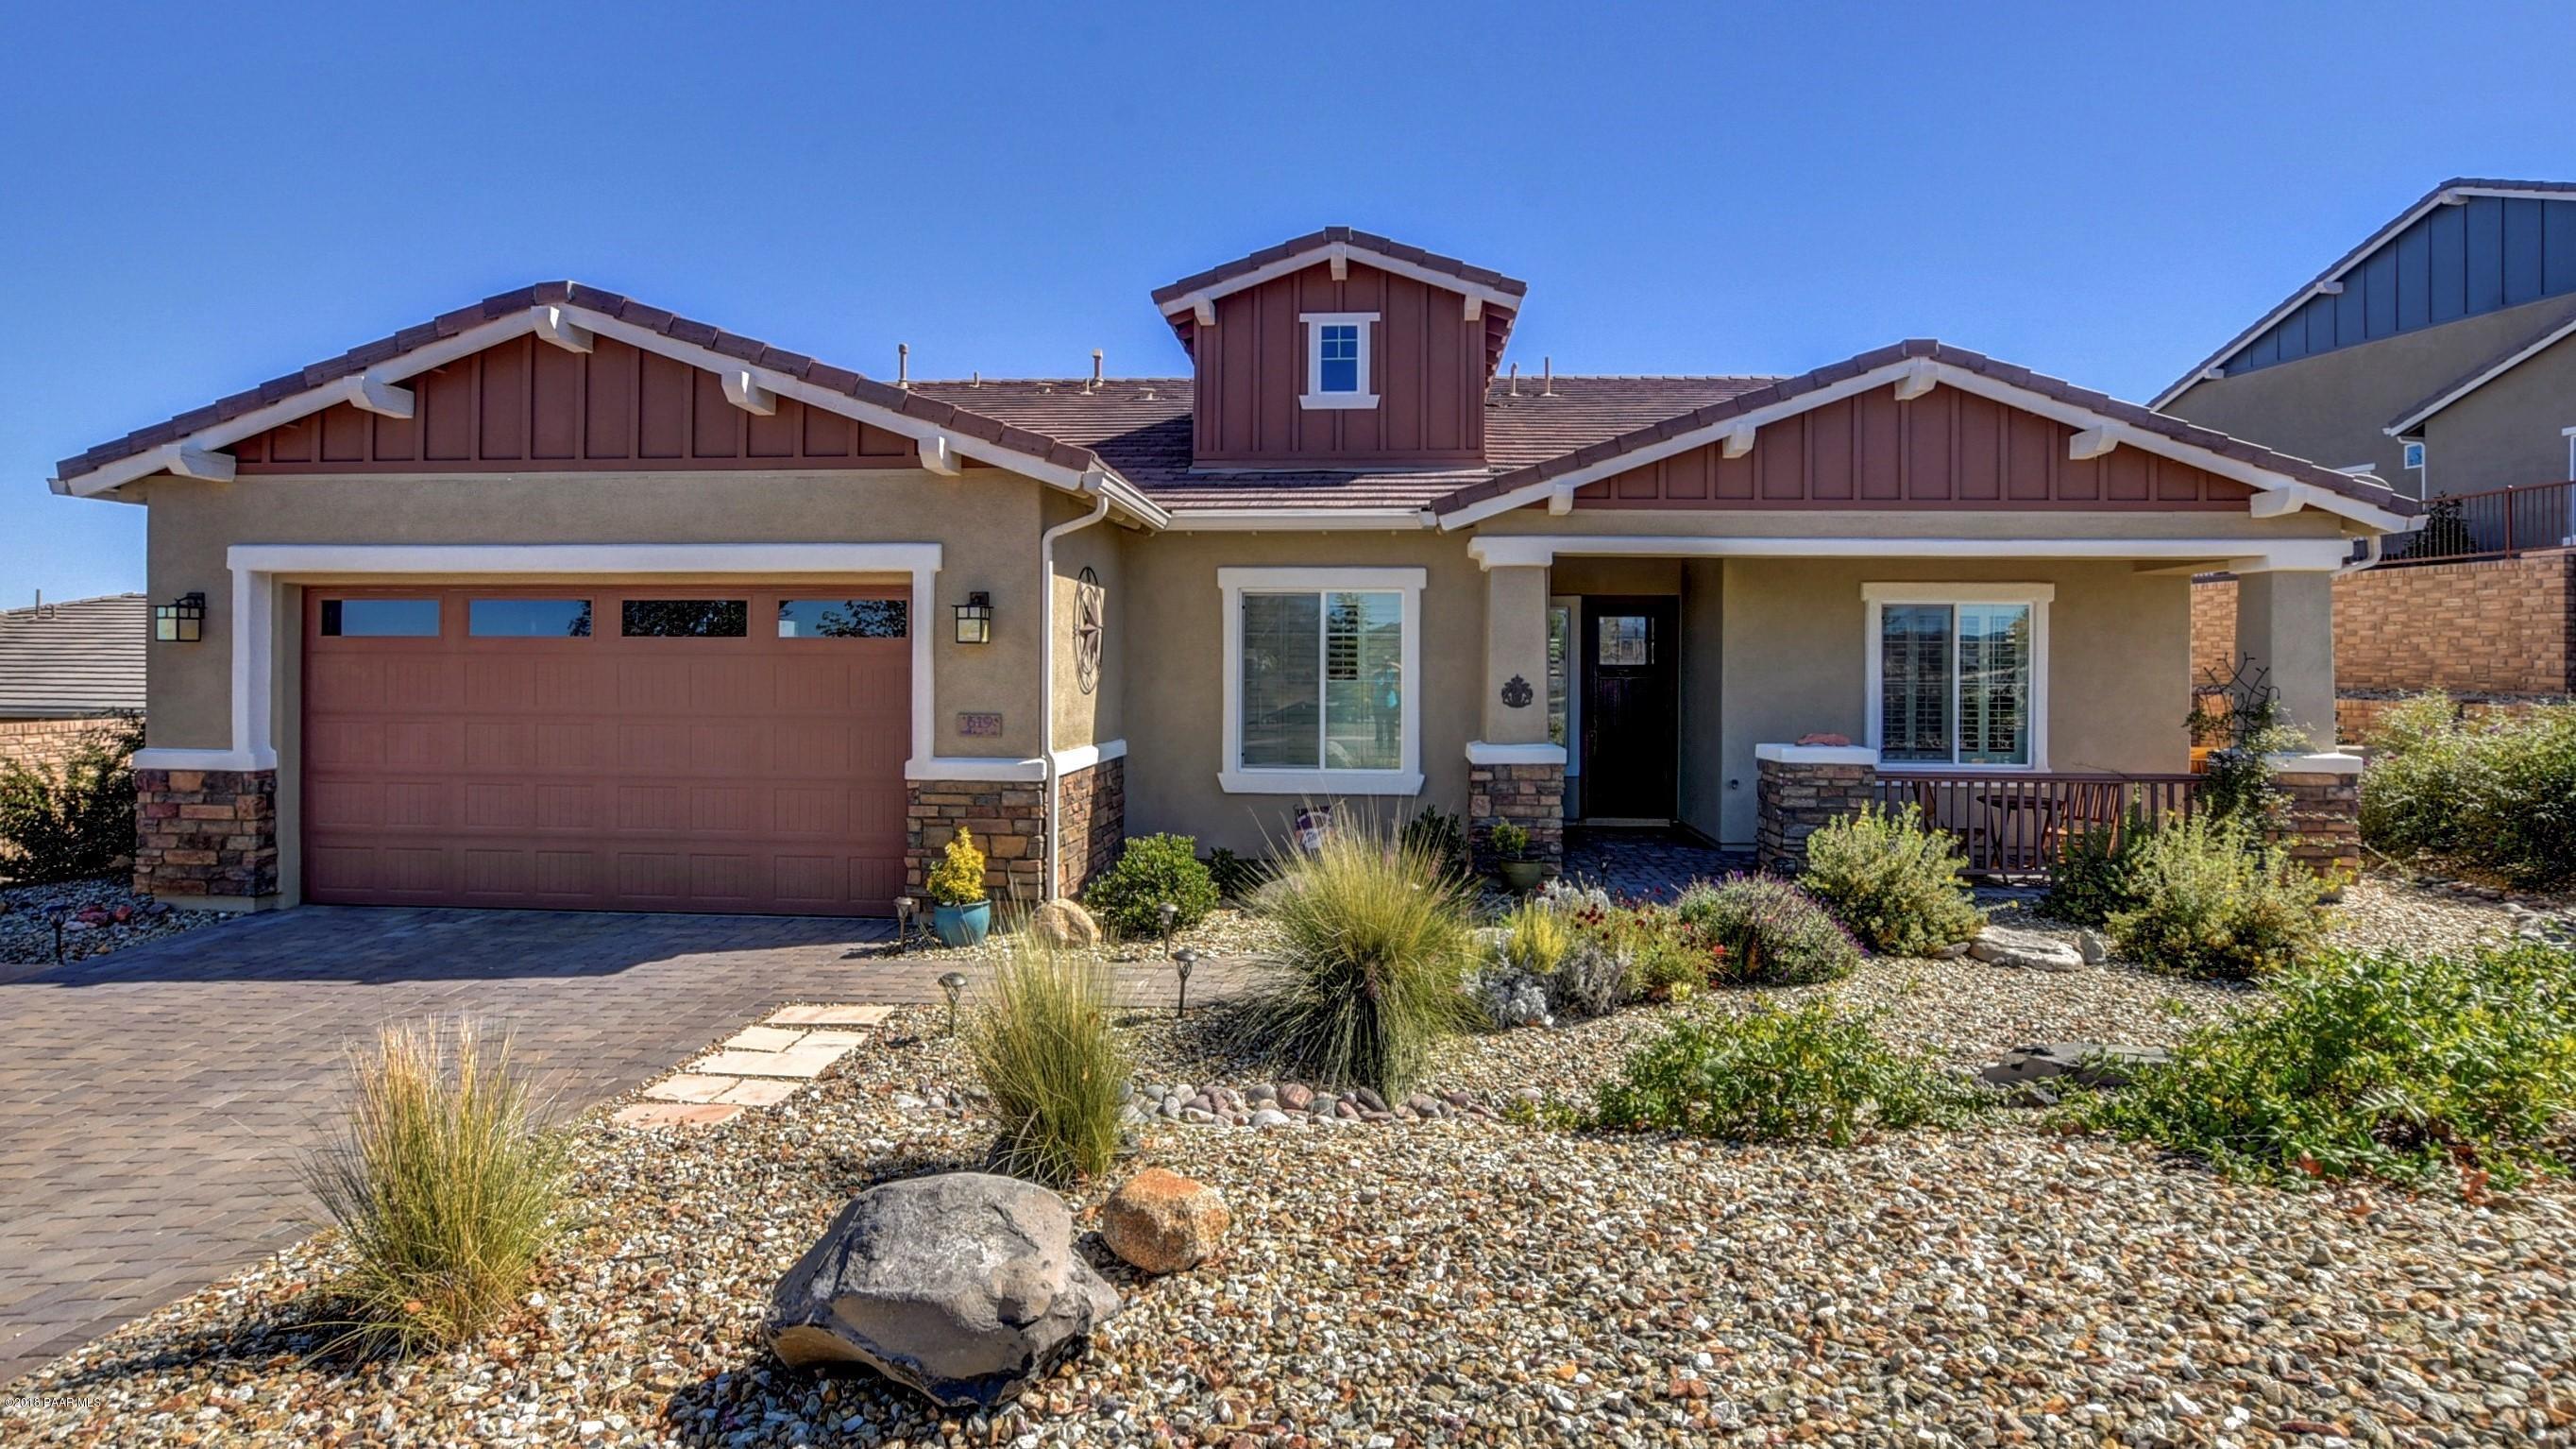 Photo of 619 St Enodoc, Prescott, AZ 86301